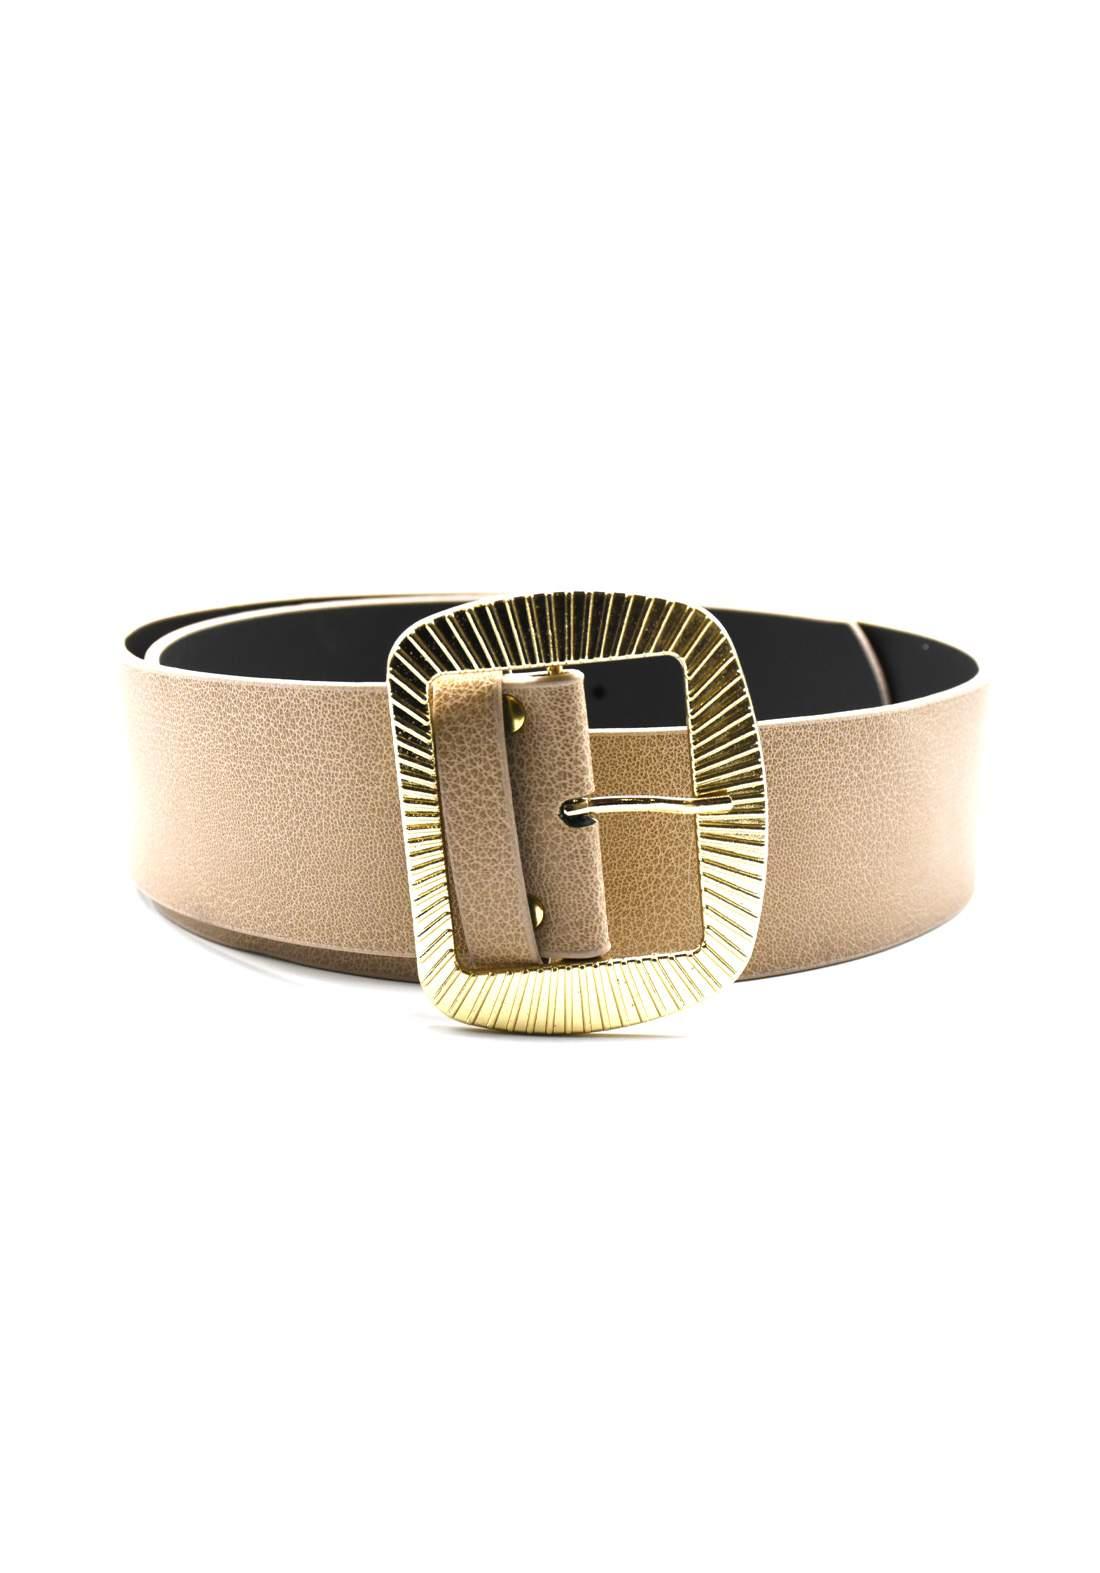 حزام نسائي جلد بيج اللون بأبزيم ذهبي 116 سم